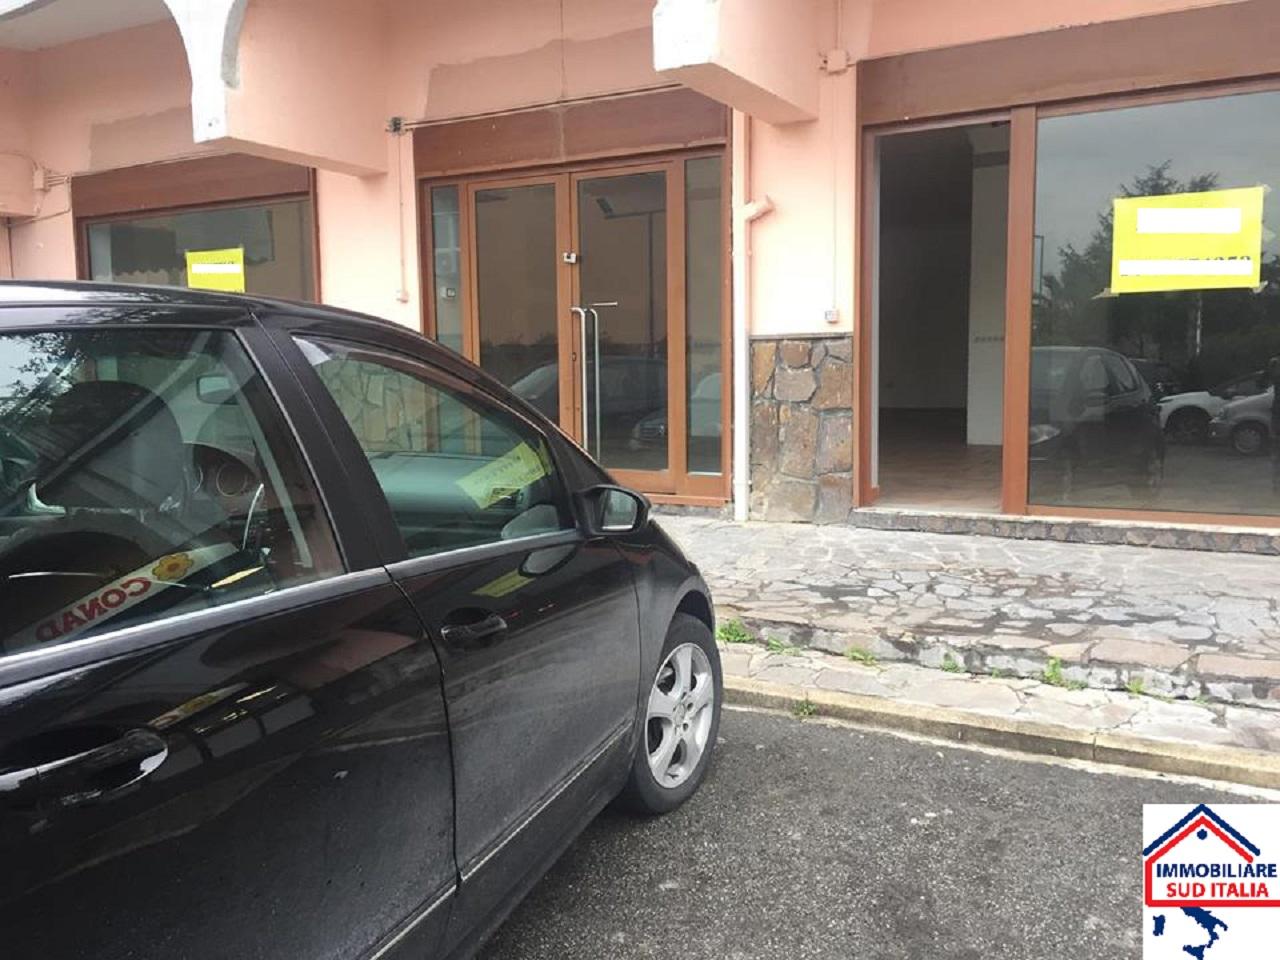 Negozio / Locale in affitto a Giugliano in Campania, 9999 locali, zona Zona: Licola, prezzo € 1.700 | CambioCasa.it